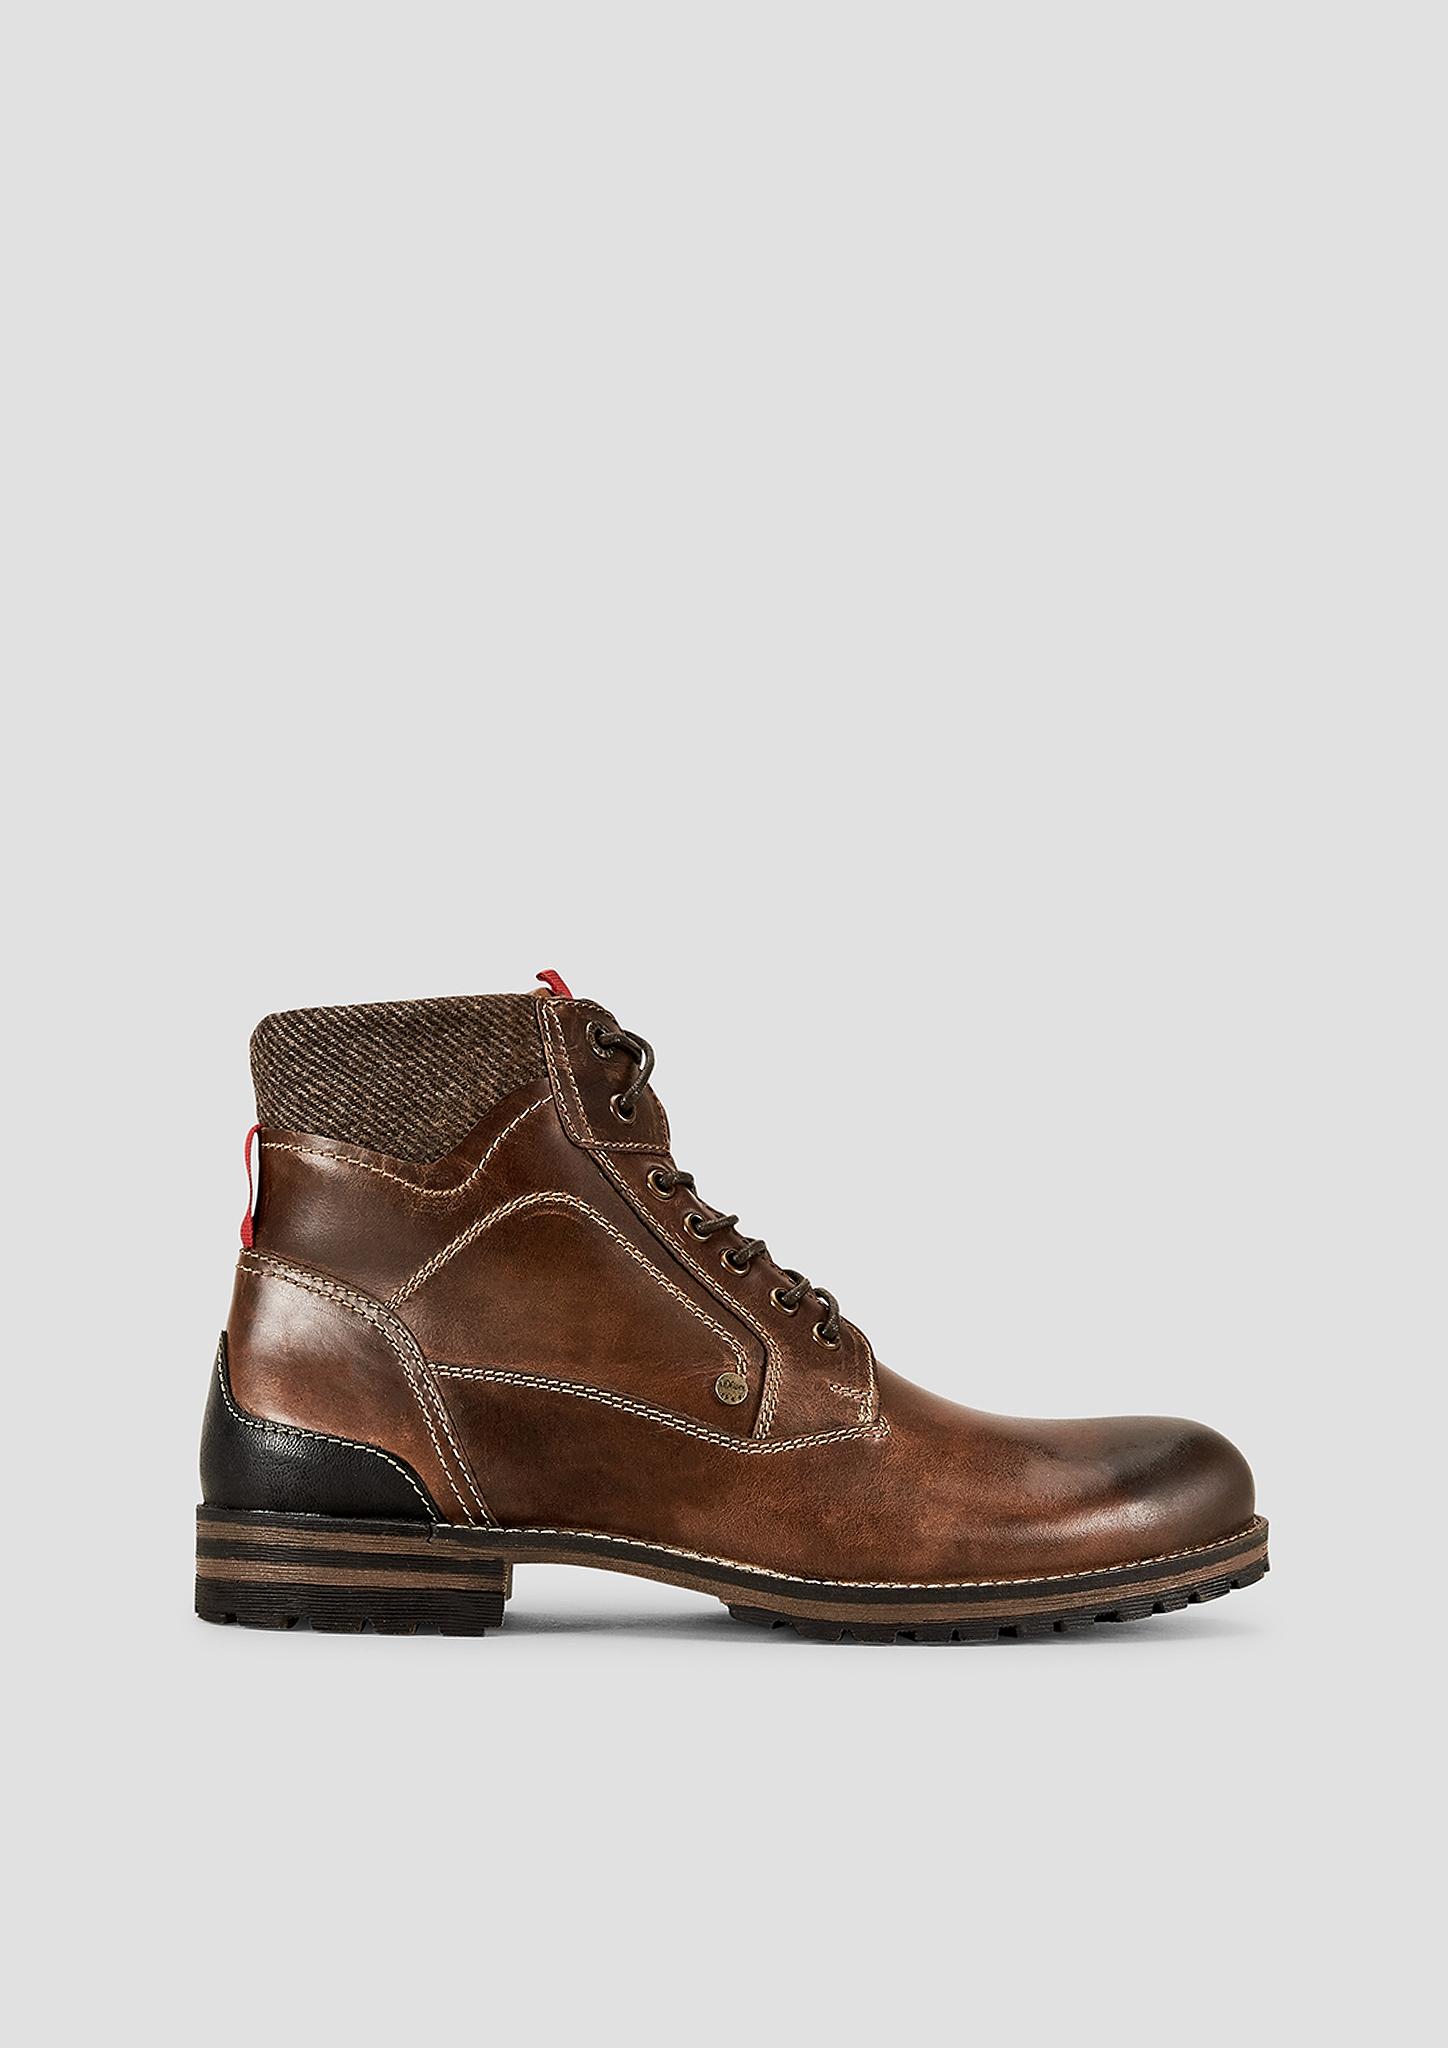 Stiefel | Schuhe | Braun | Obermaterial aus leder und textil| futter aus leder und textil| decksohle aus leder| laufsohle aus synthetik| | s.Oliver